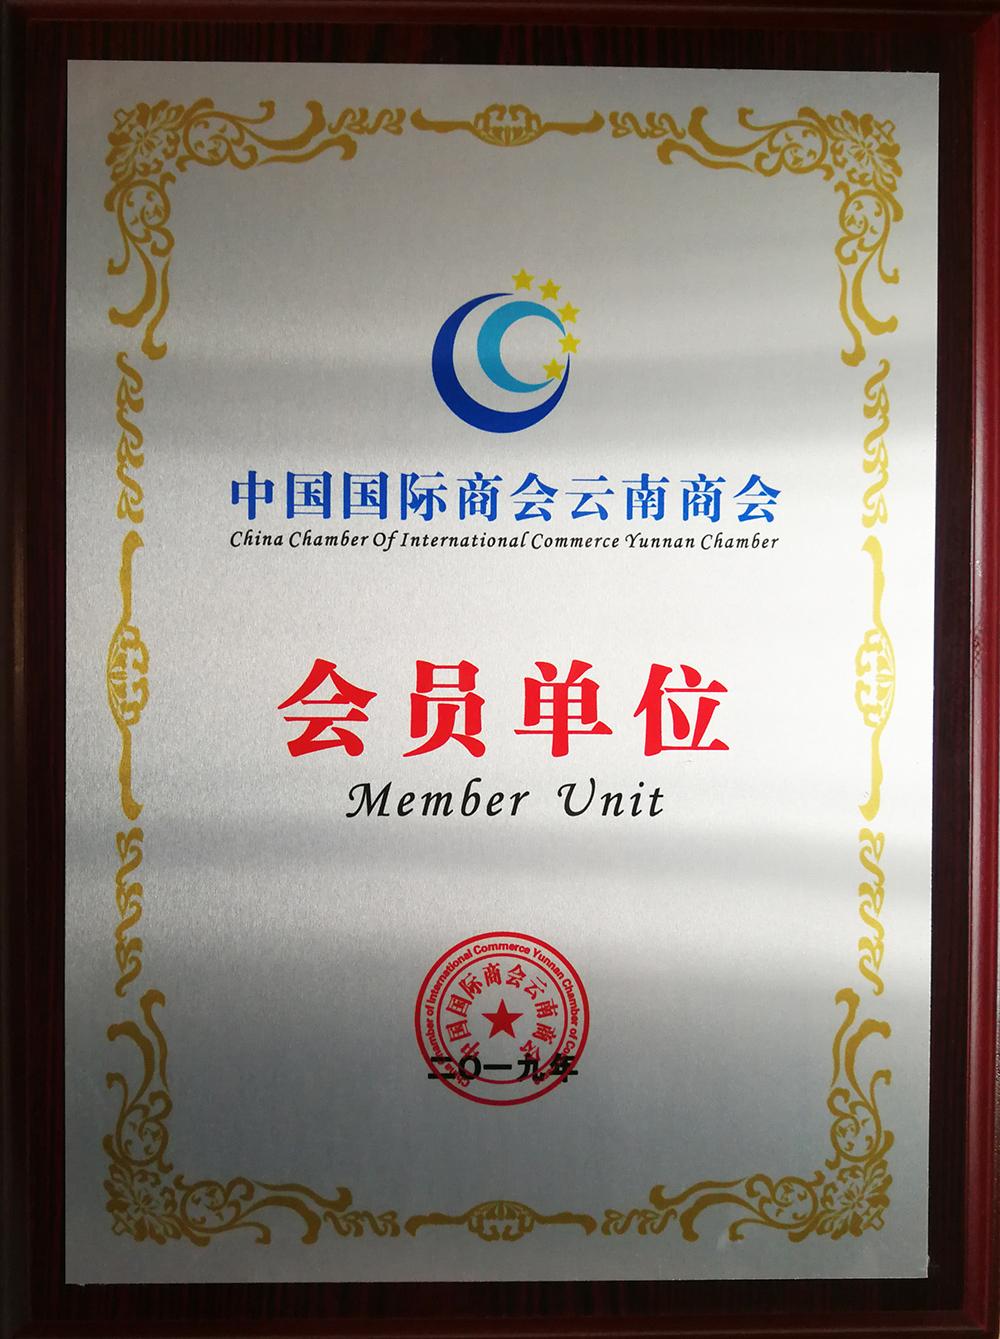 中国国际商会云南商会会员单位